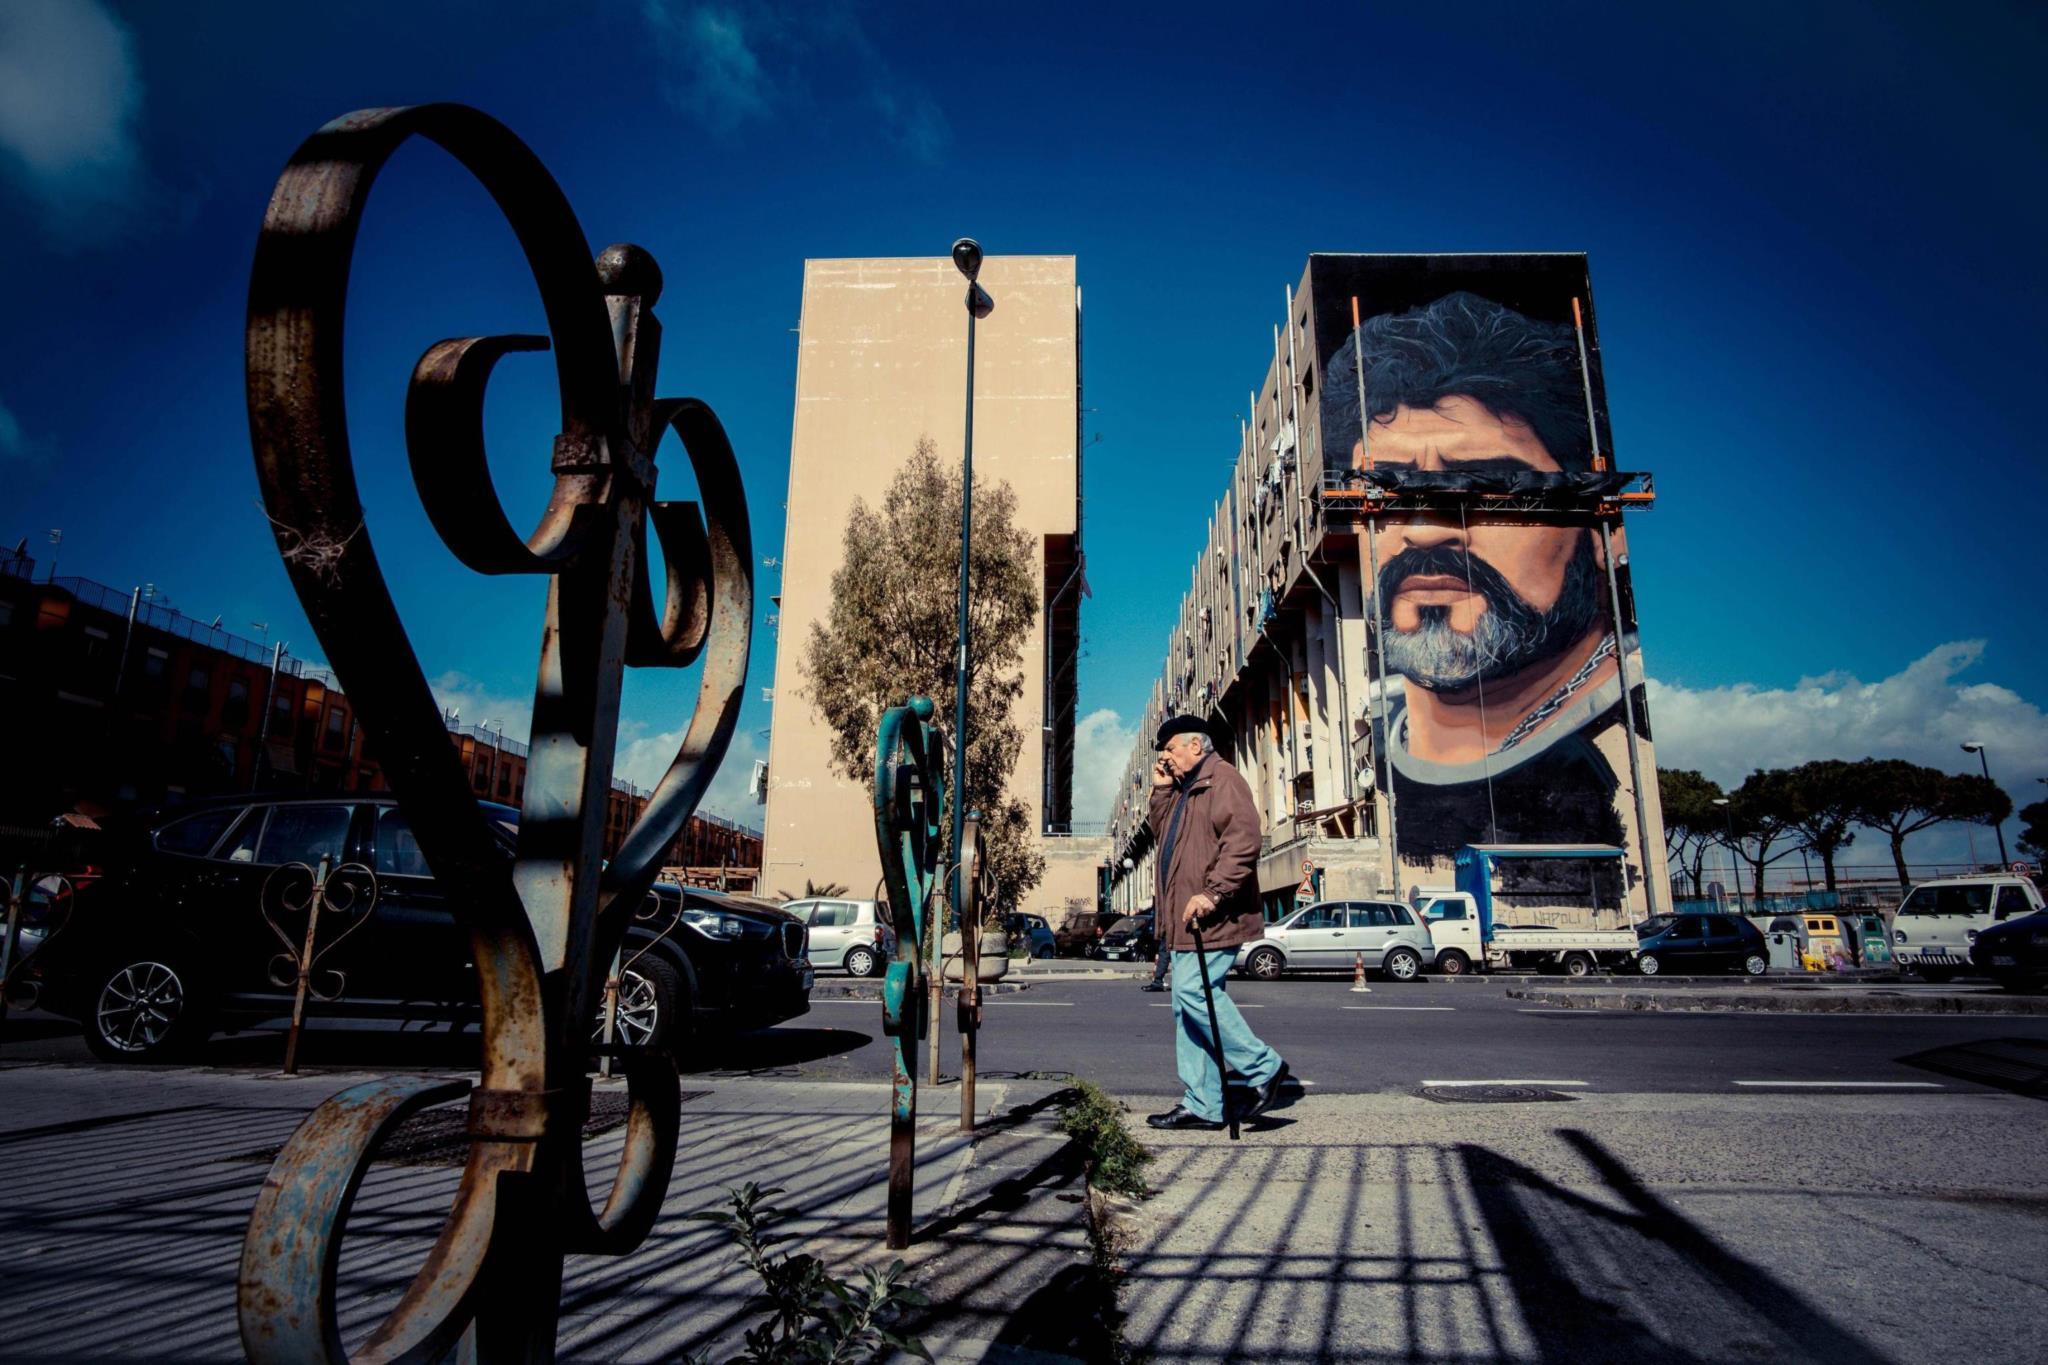 """PÚBLICO - O artista que pintou o mural de Maradona não é adepto de futebol: """"É só mais uma cara"""""""